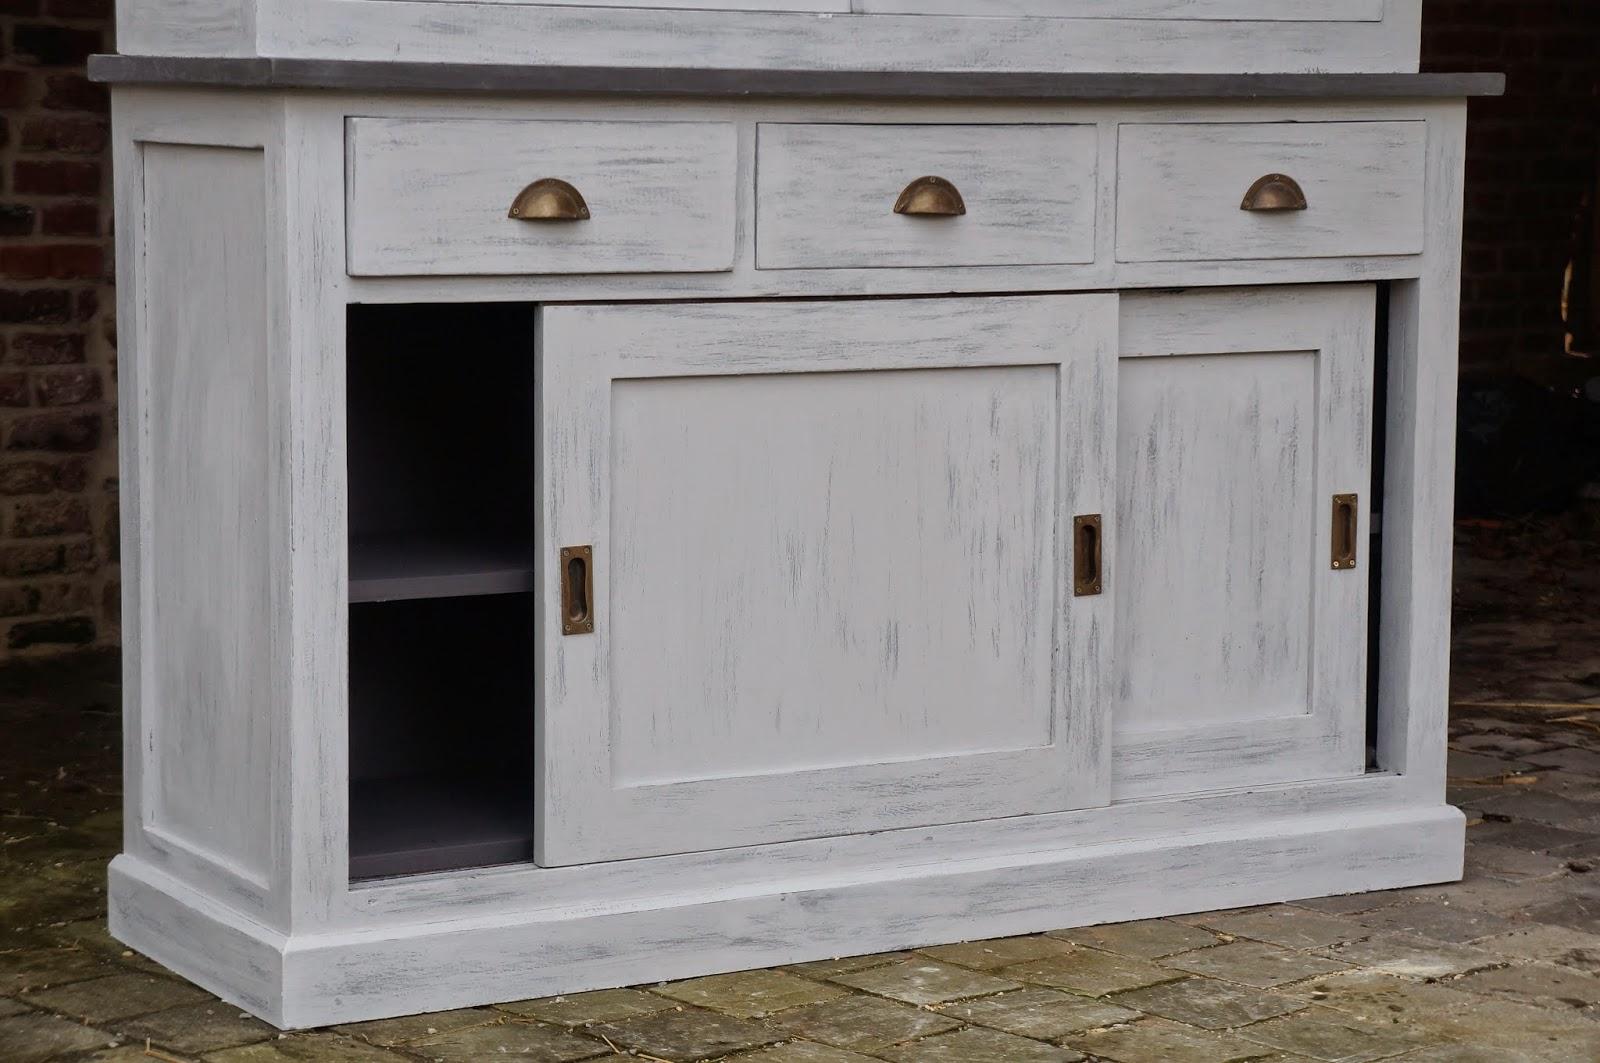 urlu et berlu vente meuble vaisselier patin gris deux corps avec vitrine et moulures en croix. Black Bedroom Furniture Sets. Home Design Ideas